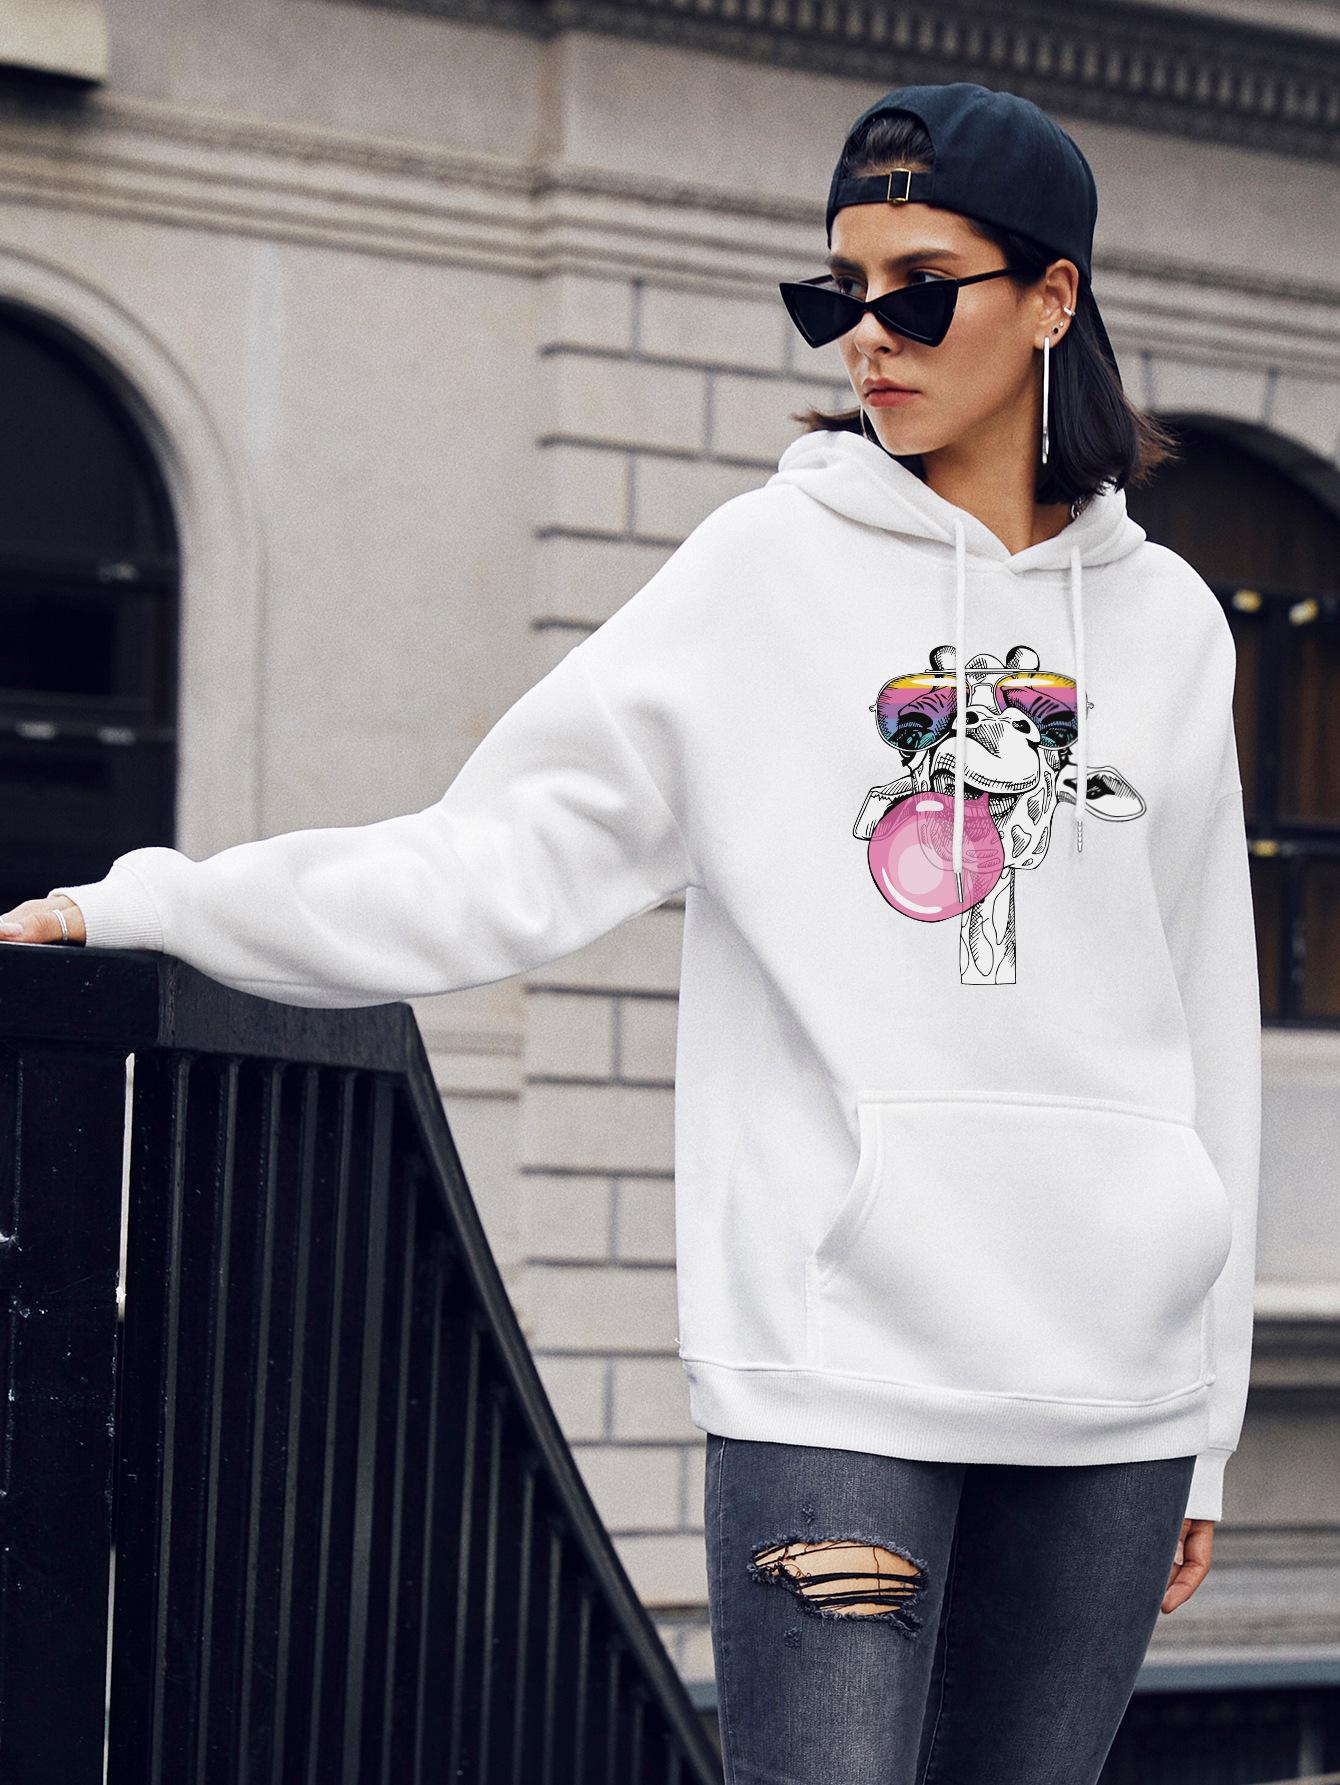 autumn and winter women's cute giraffe street casual hooded sweater NSSN1867